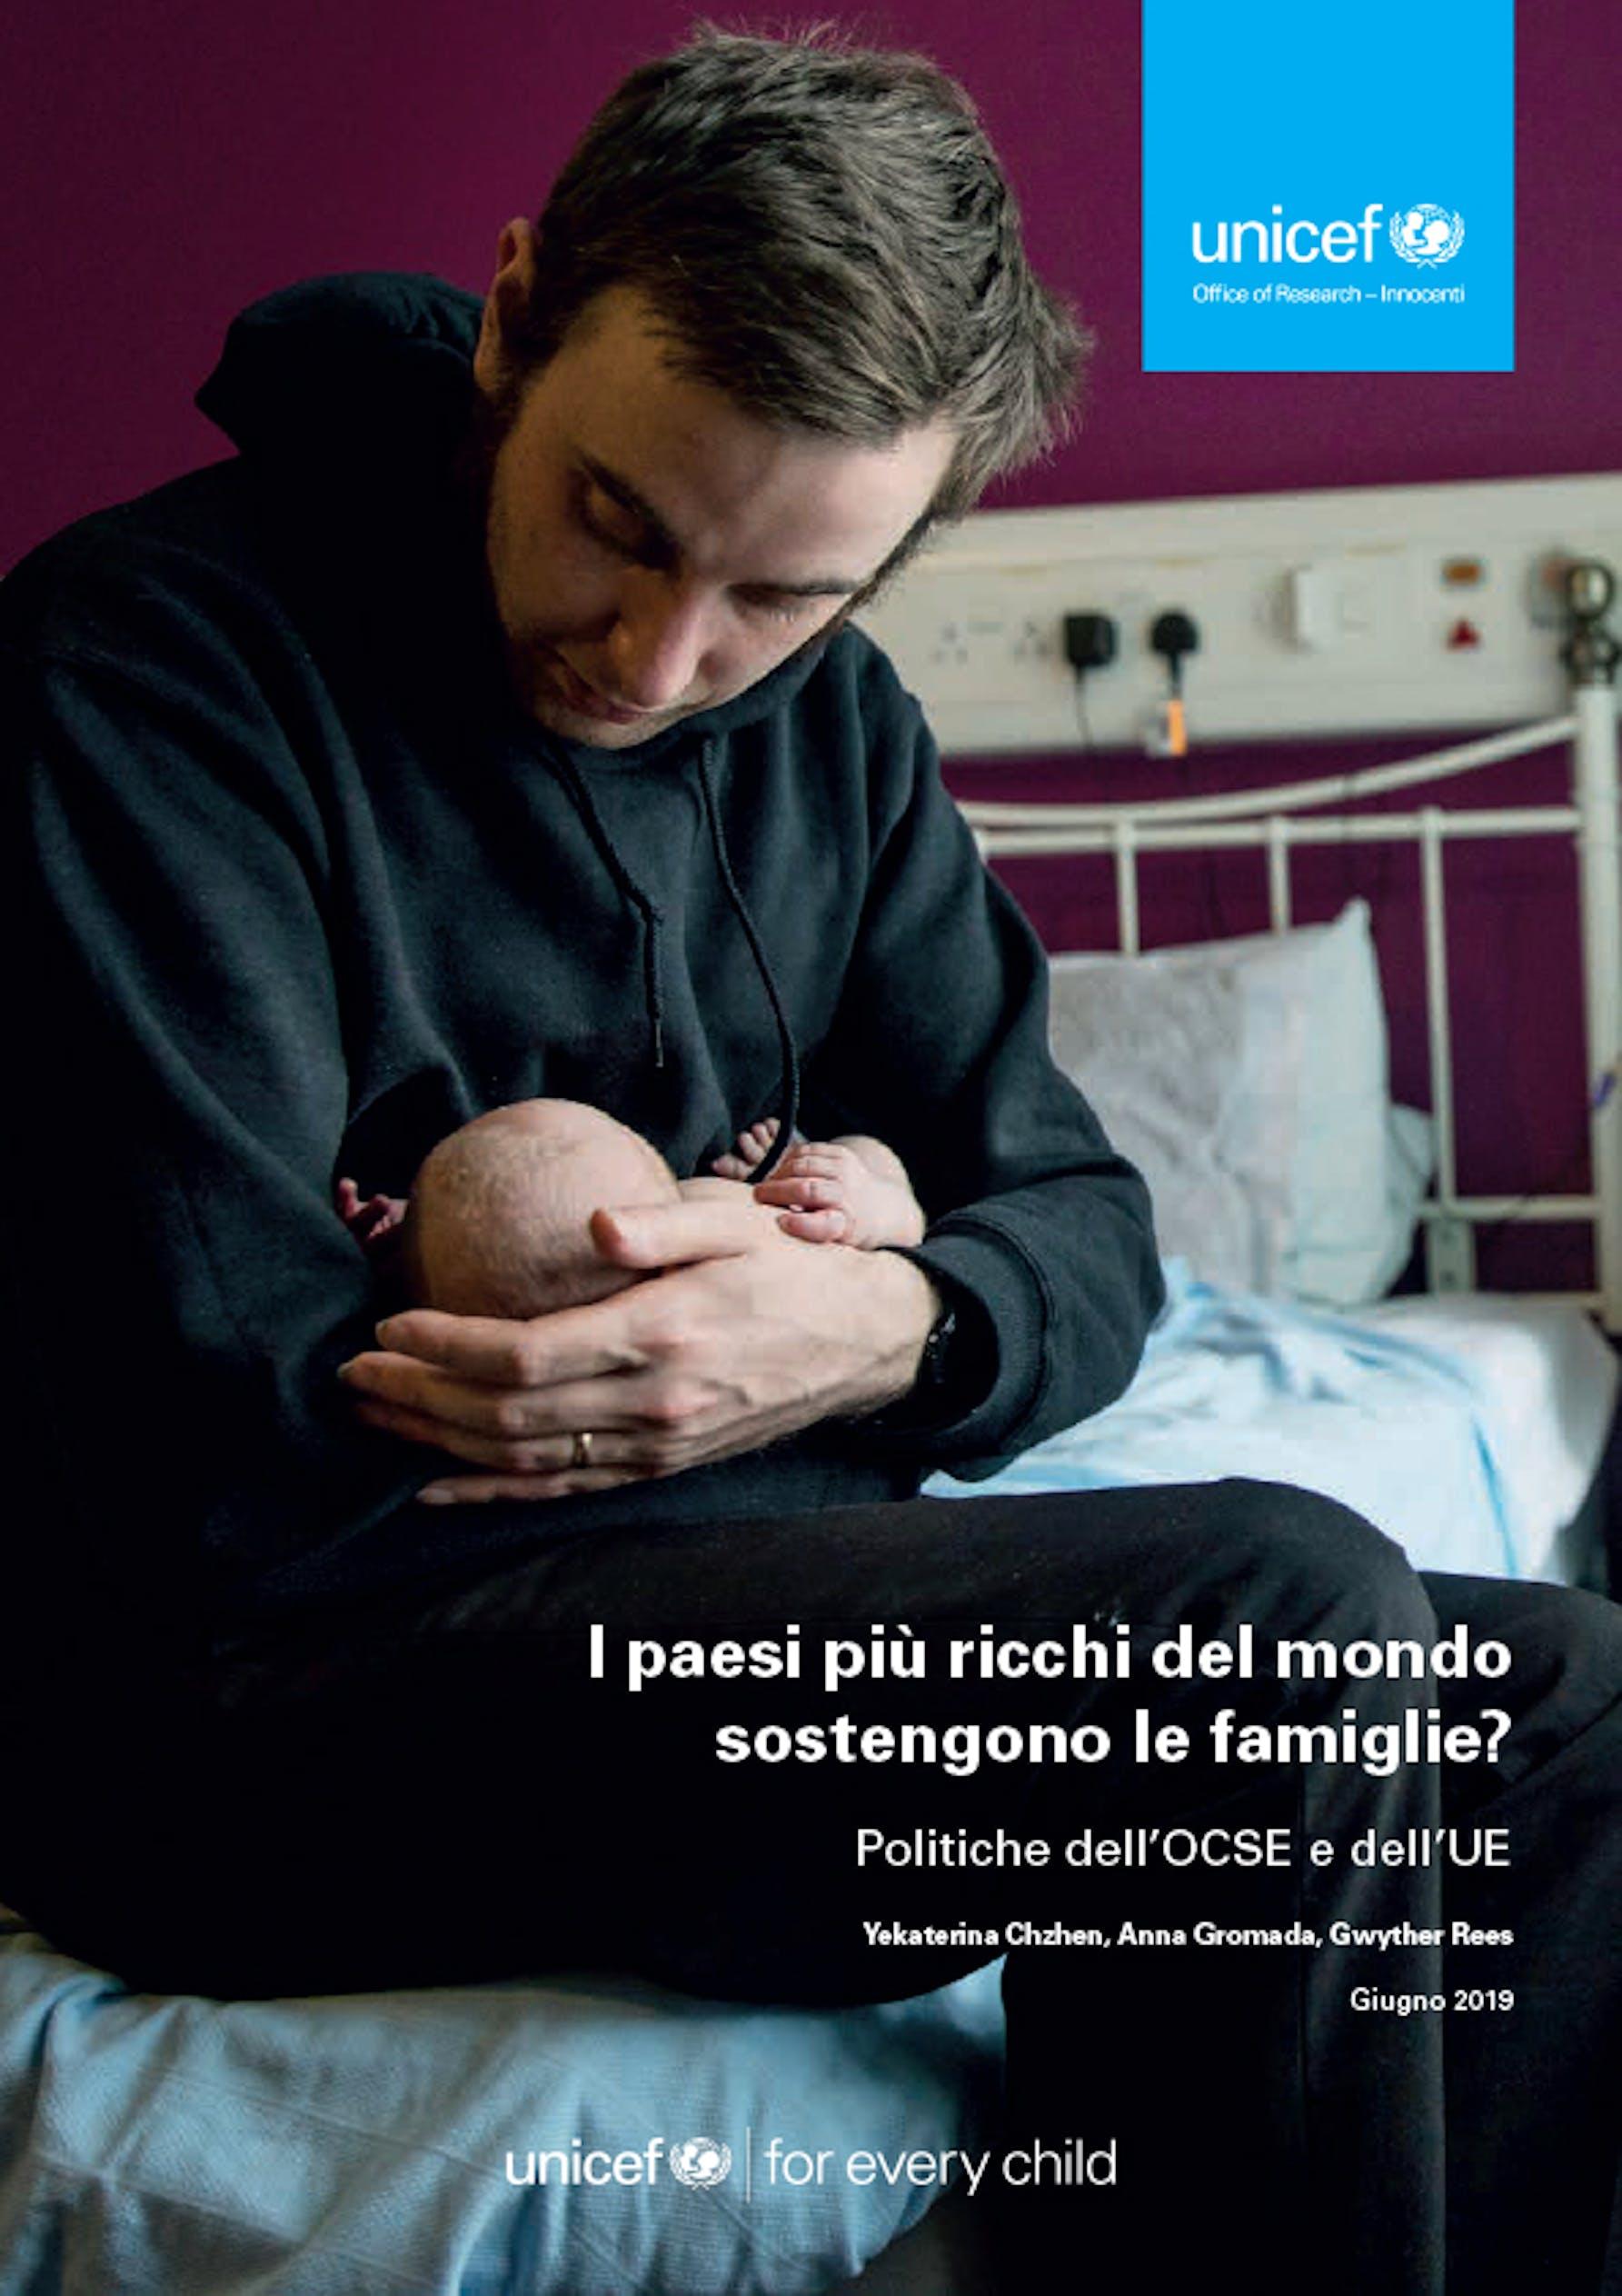 La copertina del nuovo rapporto UNICEF sulle politiche familiari nei paesi ricchi - ©UNICEF Italia/2019